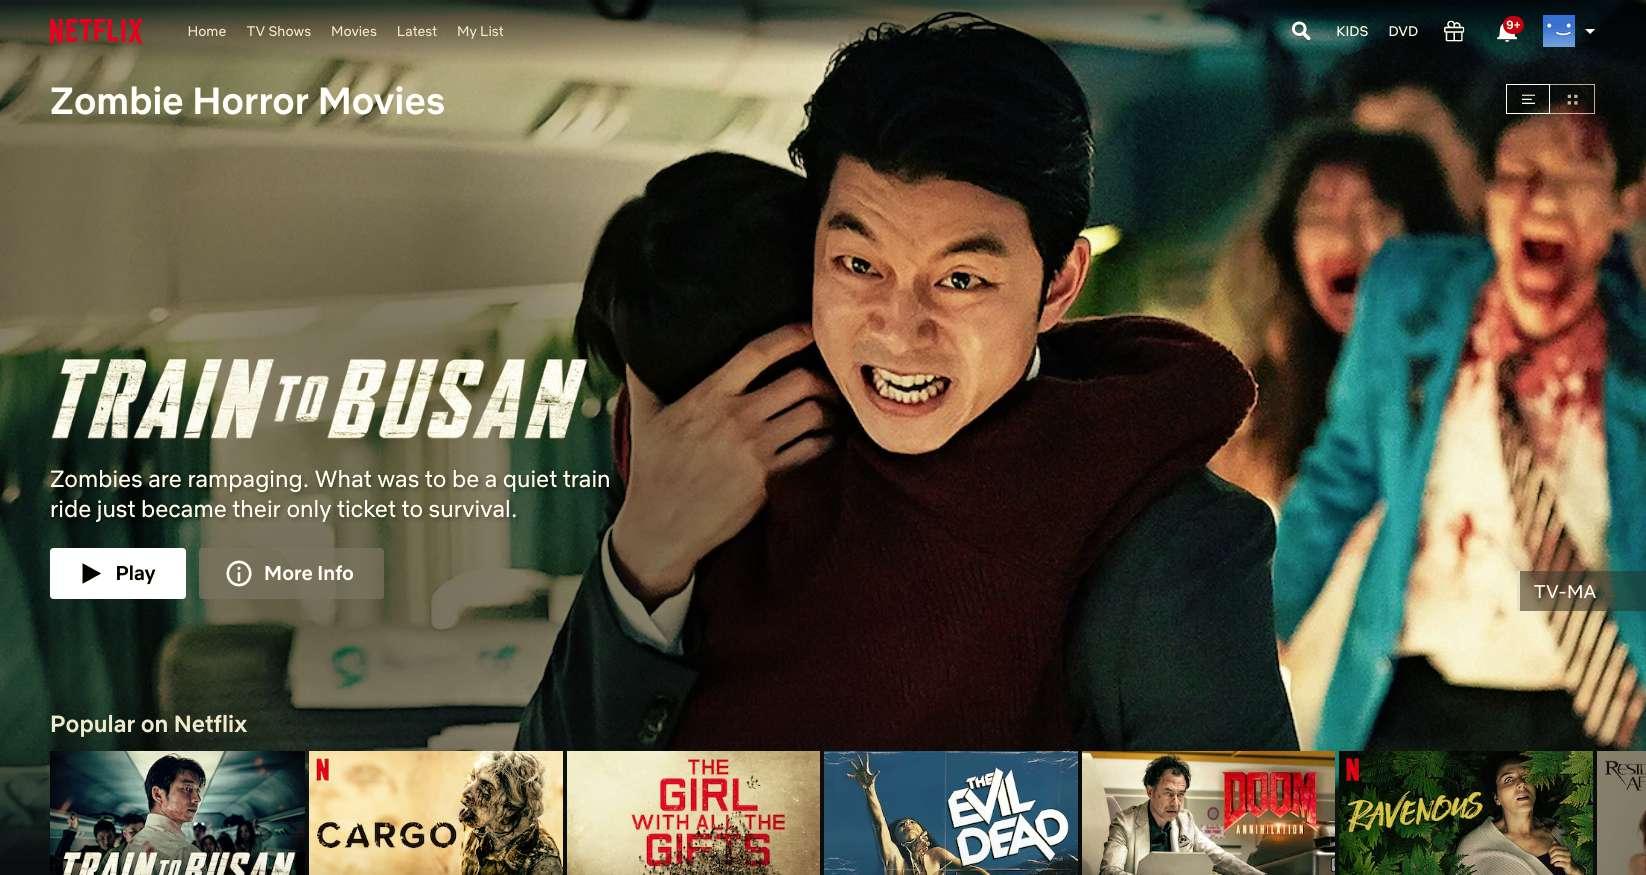 Zombie Movie Train to Busan found in in Netflix secret codes